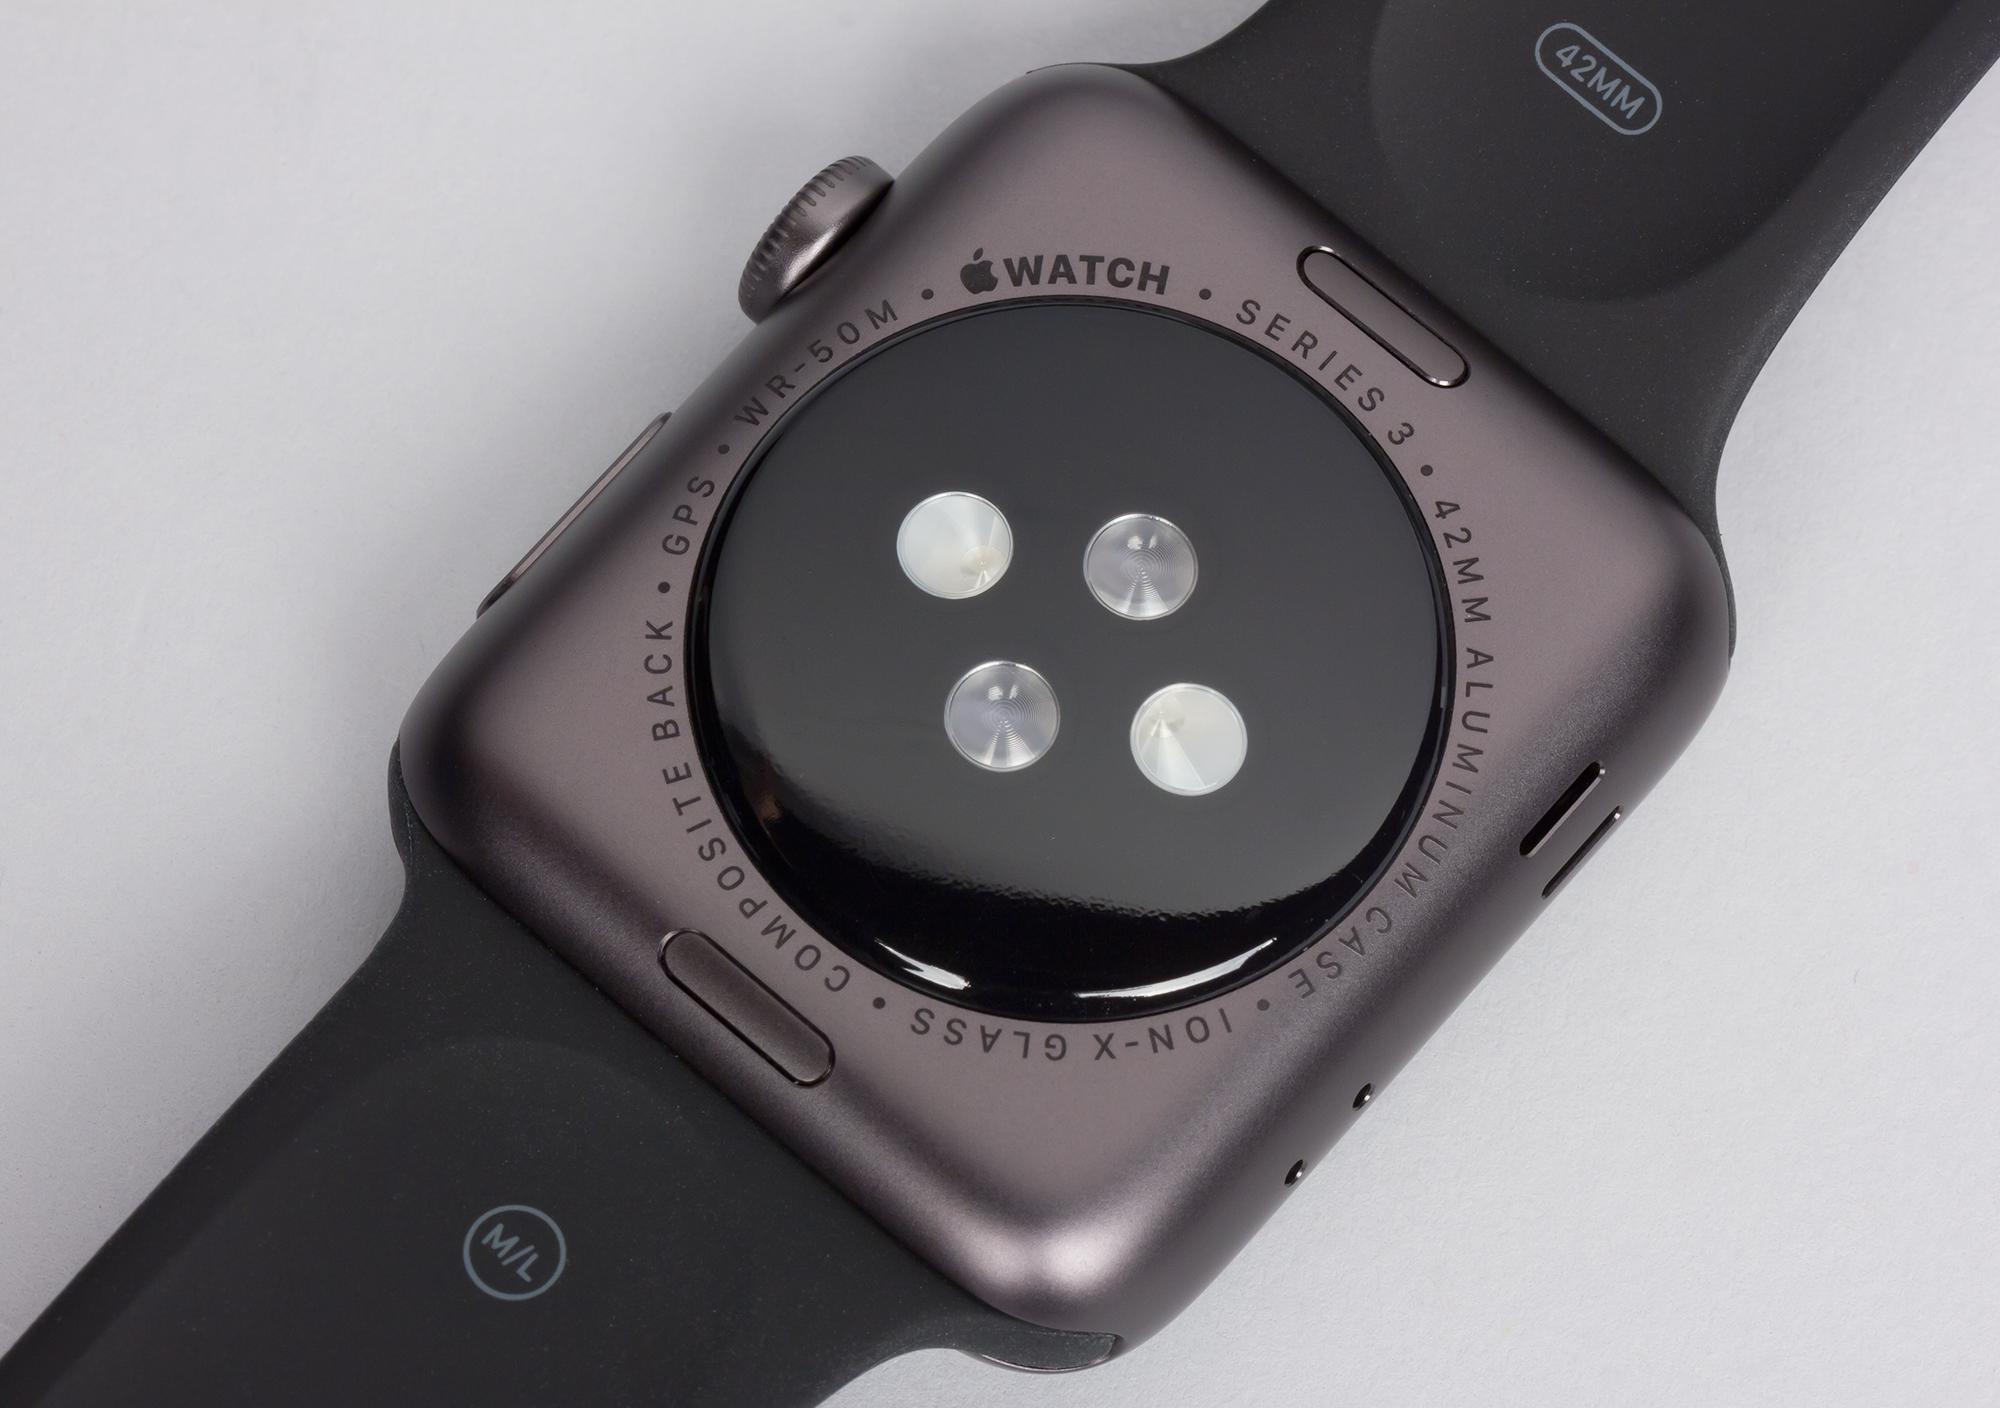 8e2176c9 Толщина новинки — такая же, как у Apple Watch Series 2, что на миллиметр  больше, чем у первых Apple Watch и объясняется, видимо, усиленной  влагозащитой и ...